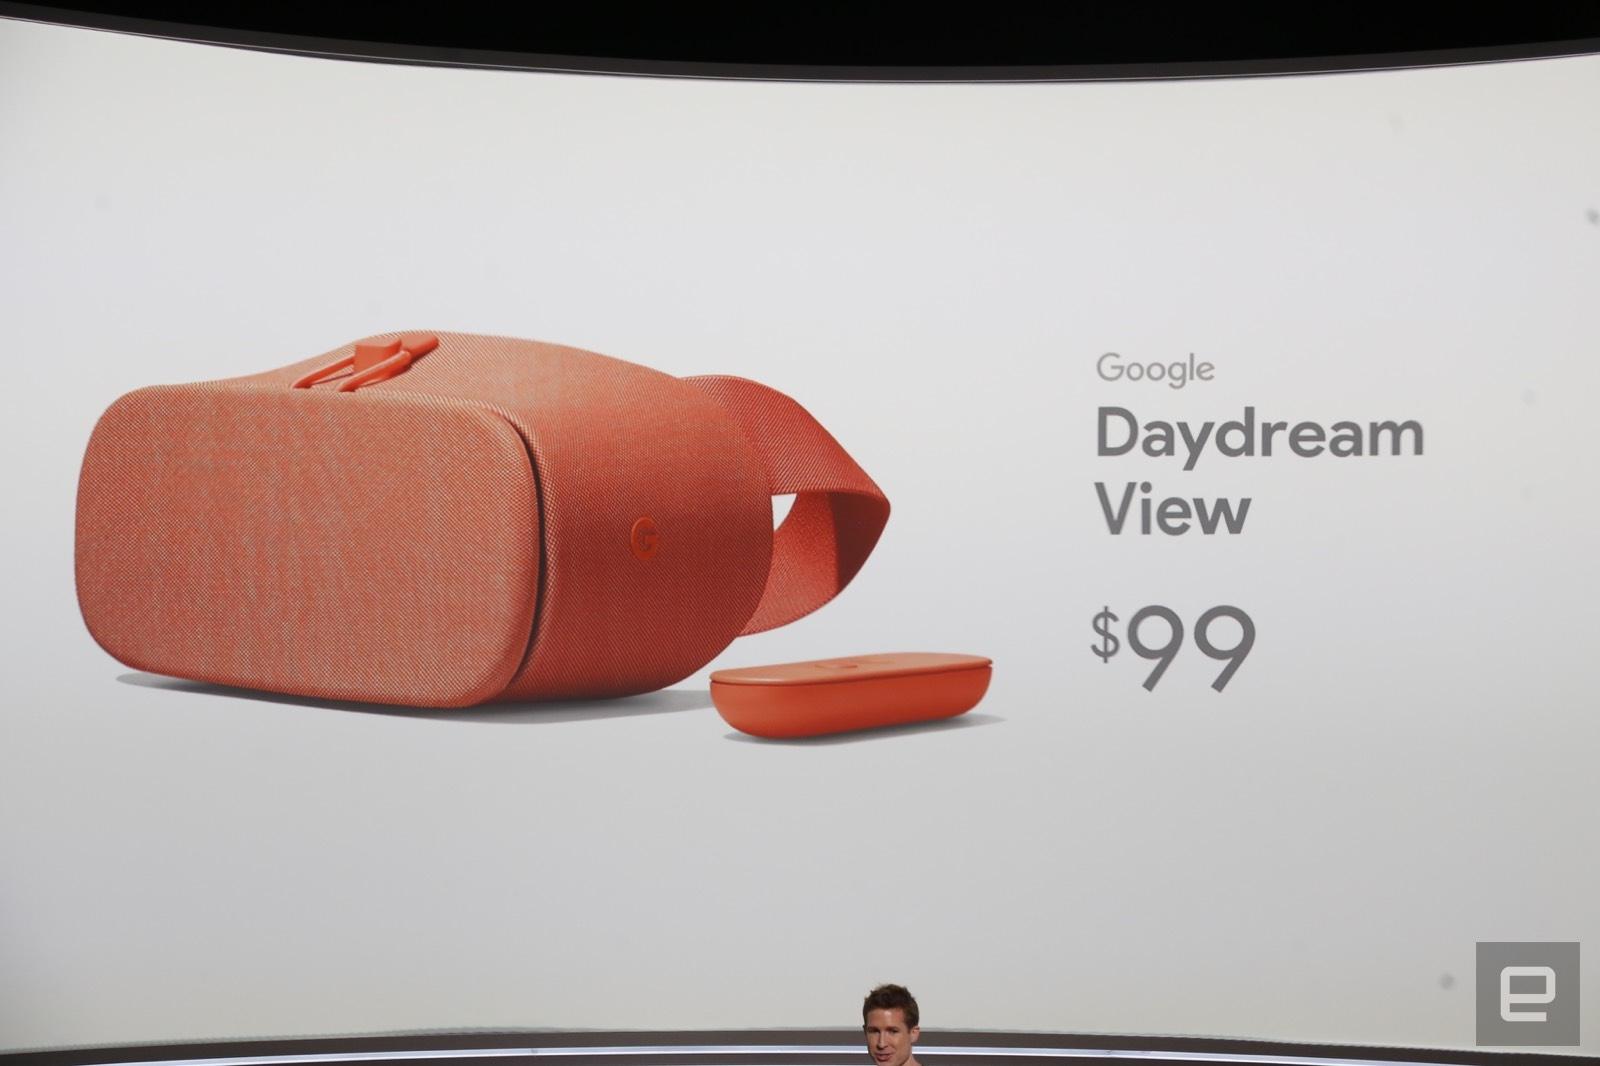 El nuevo casco DayDream de Google cuesta 99 dólares